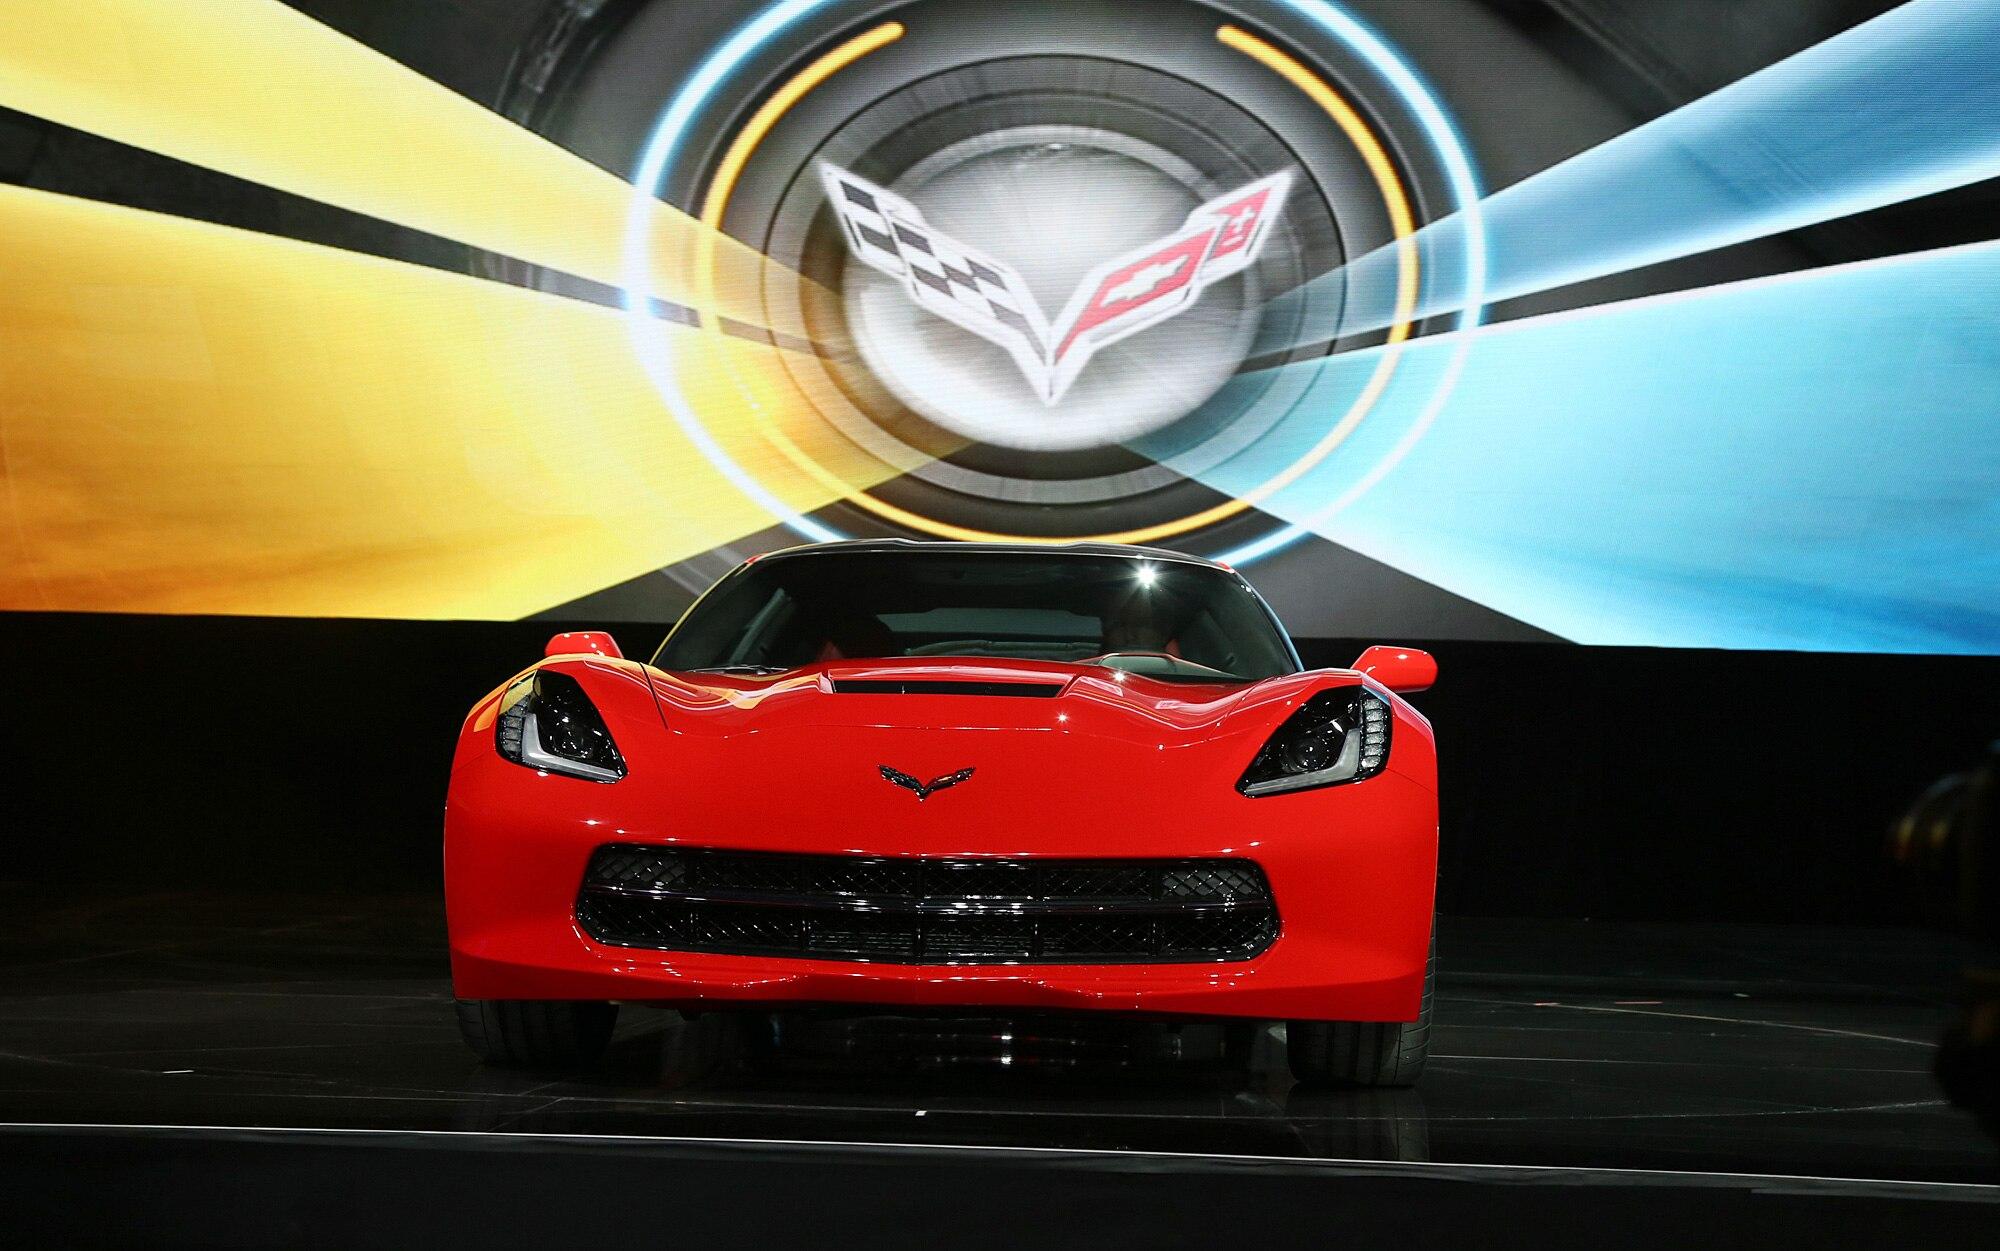 2014 Chevrolet Corvette Live Reveal Front View12